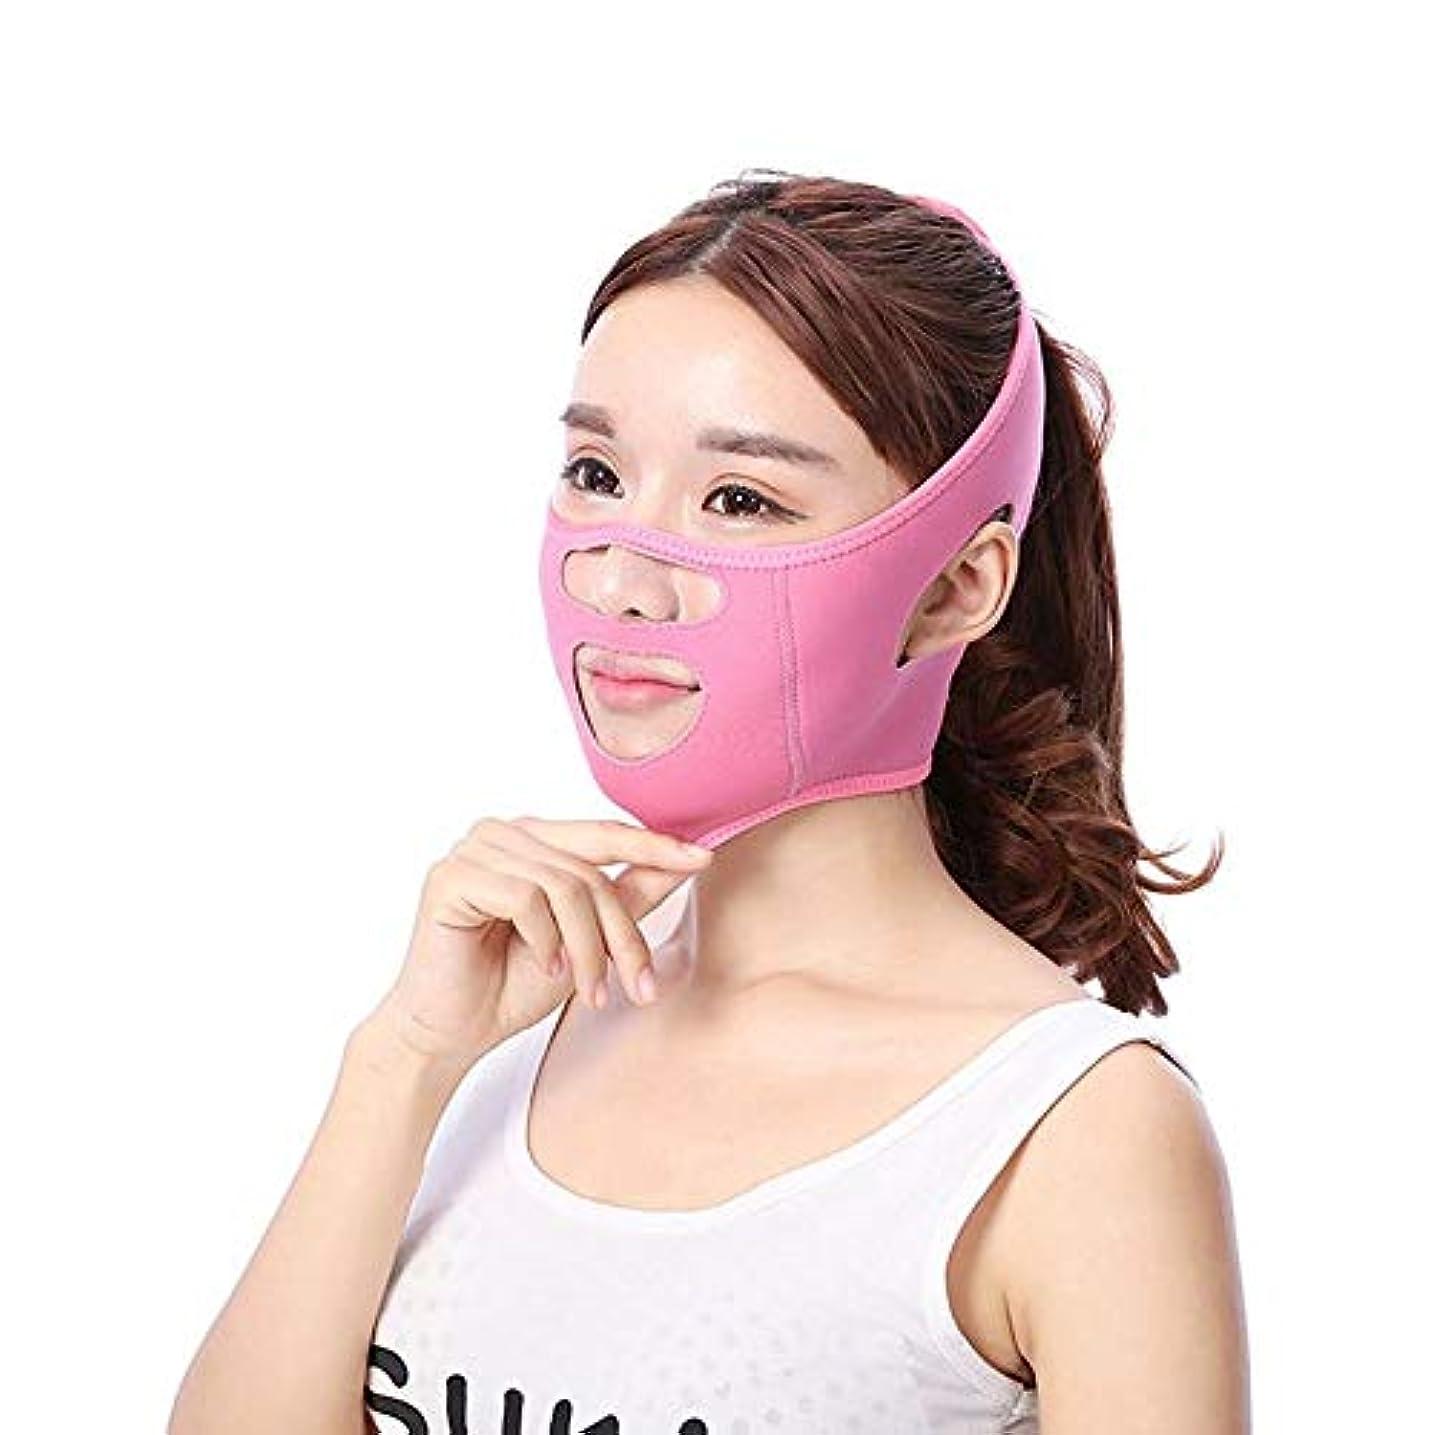 バナー暗殺期待するMinmin シンフェイスアーティファクトリフティング引き締めフェイス睡眠包帯フェイシャルリフティングアンチ垂れ下がり法律パターンステッカー8ワード口角 - ピンク みんみんVラインフェイスマスク